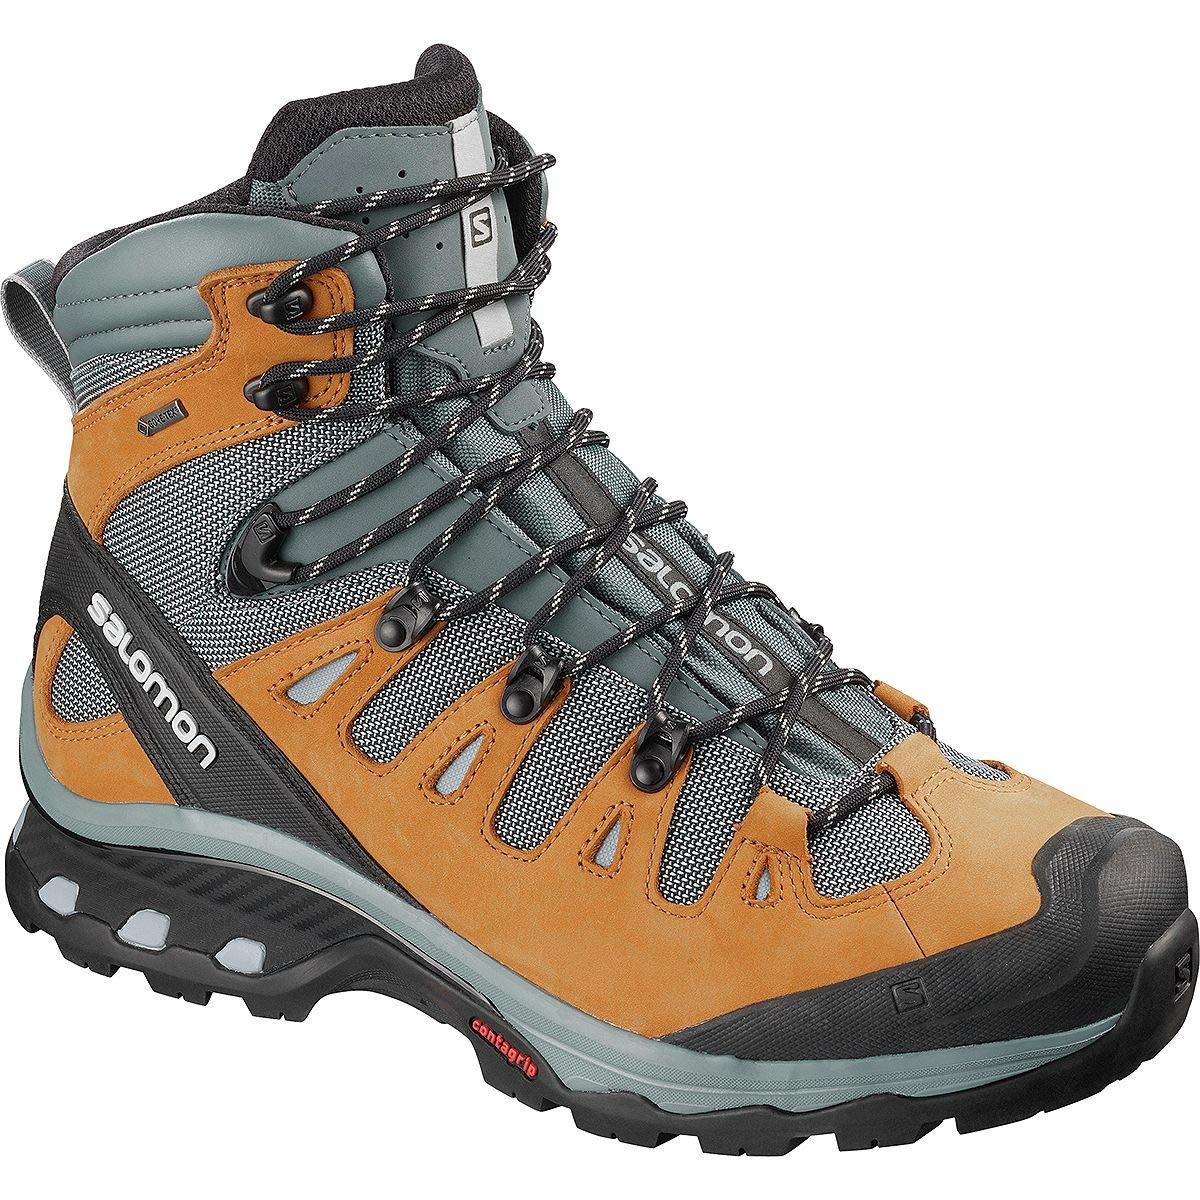 d082240c Salomon Men's Quest 4d 3 GTX Backpacking Boots